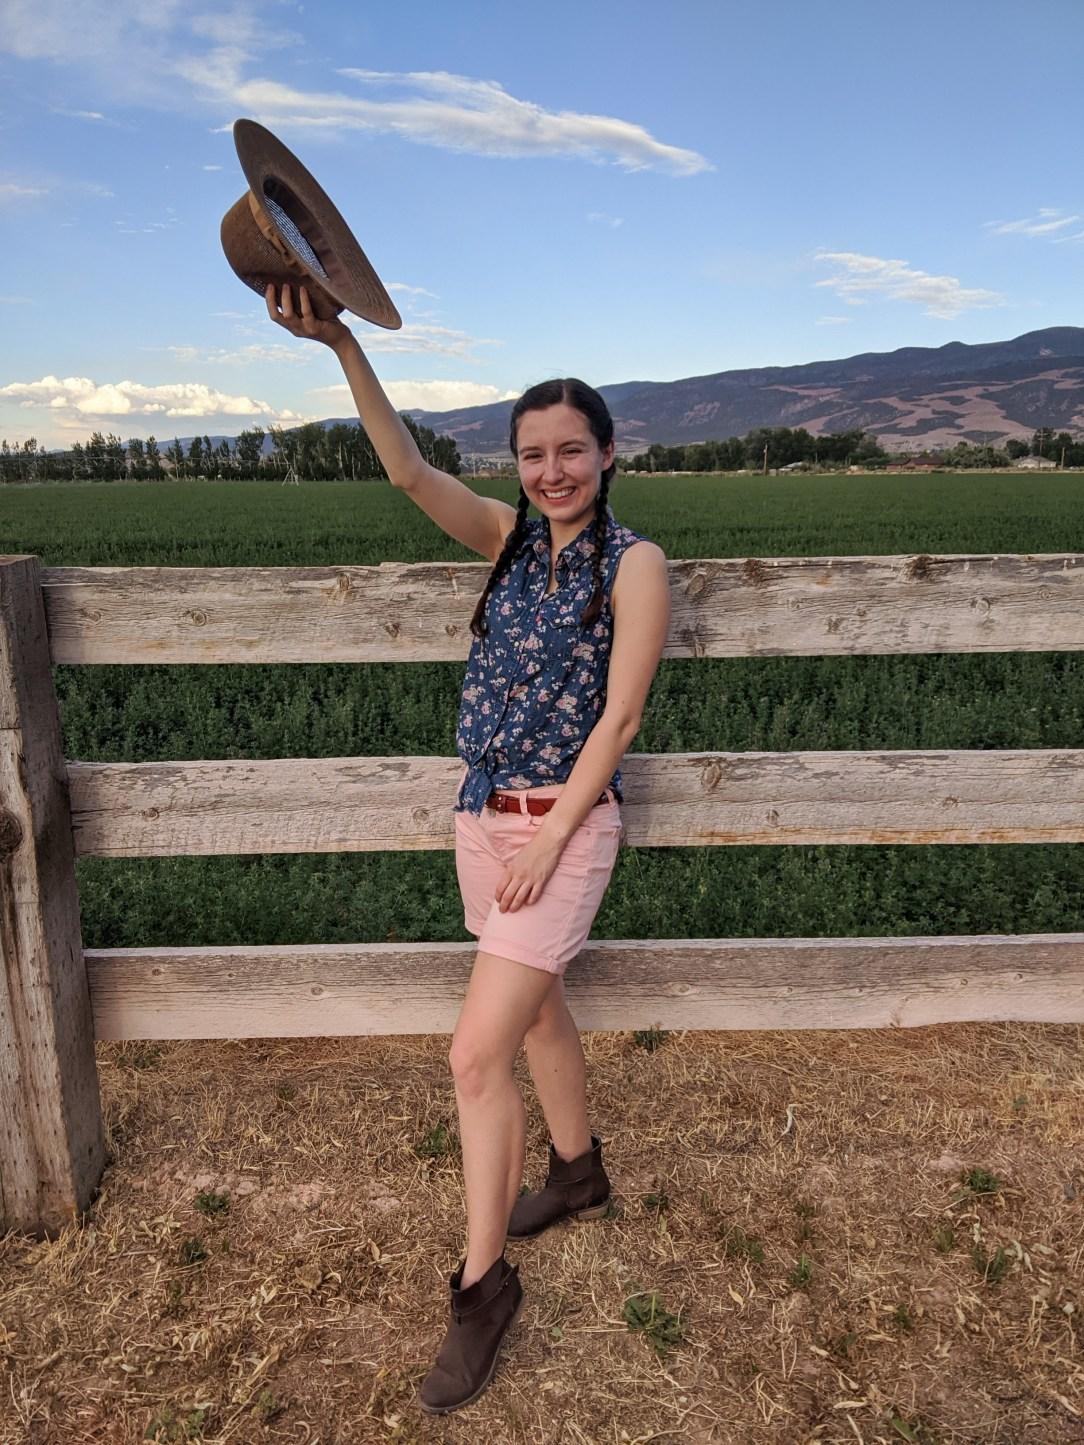 farm-girl-country-farming-western-style